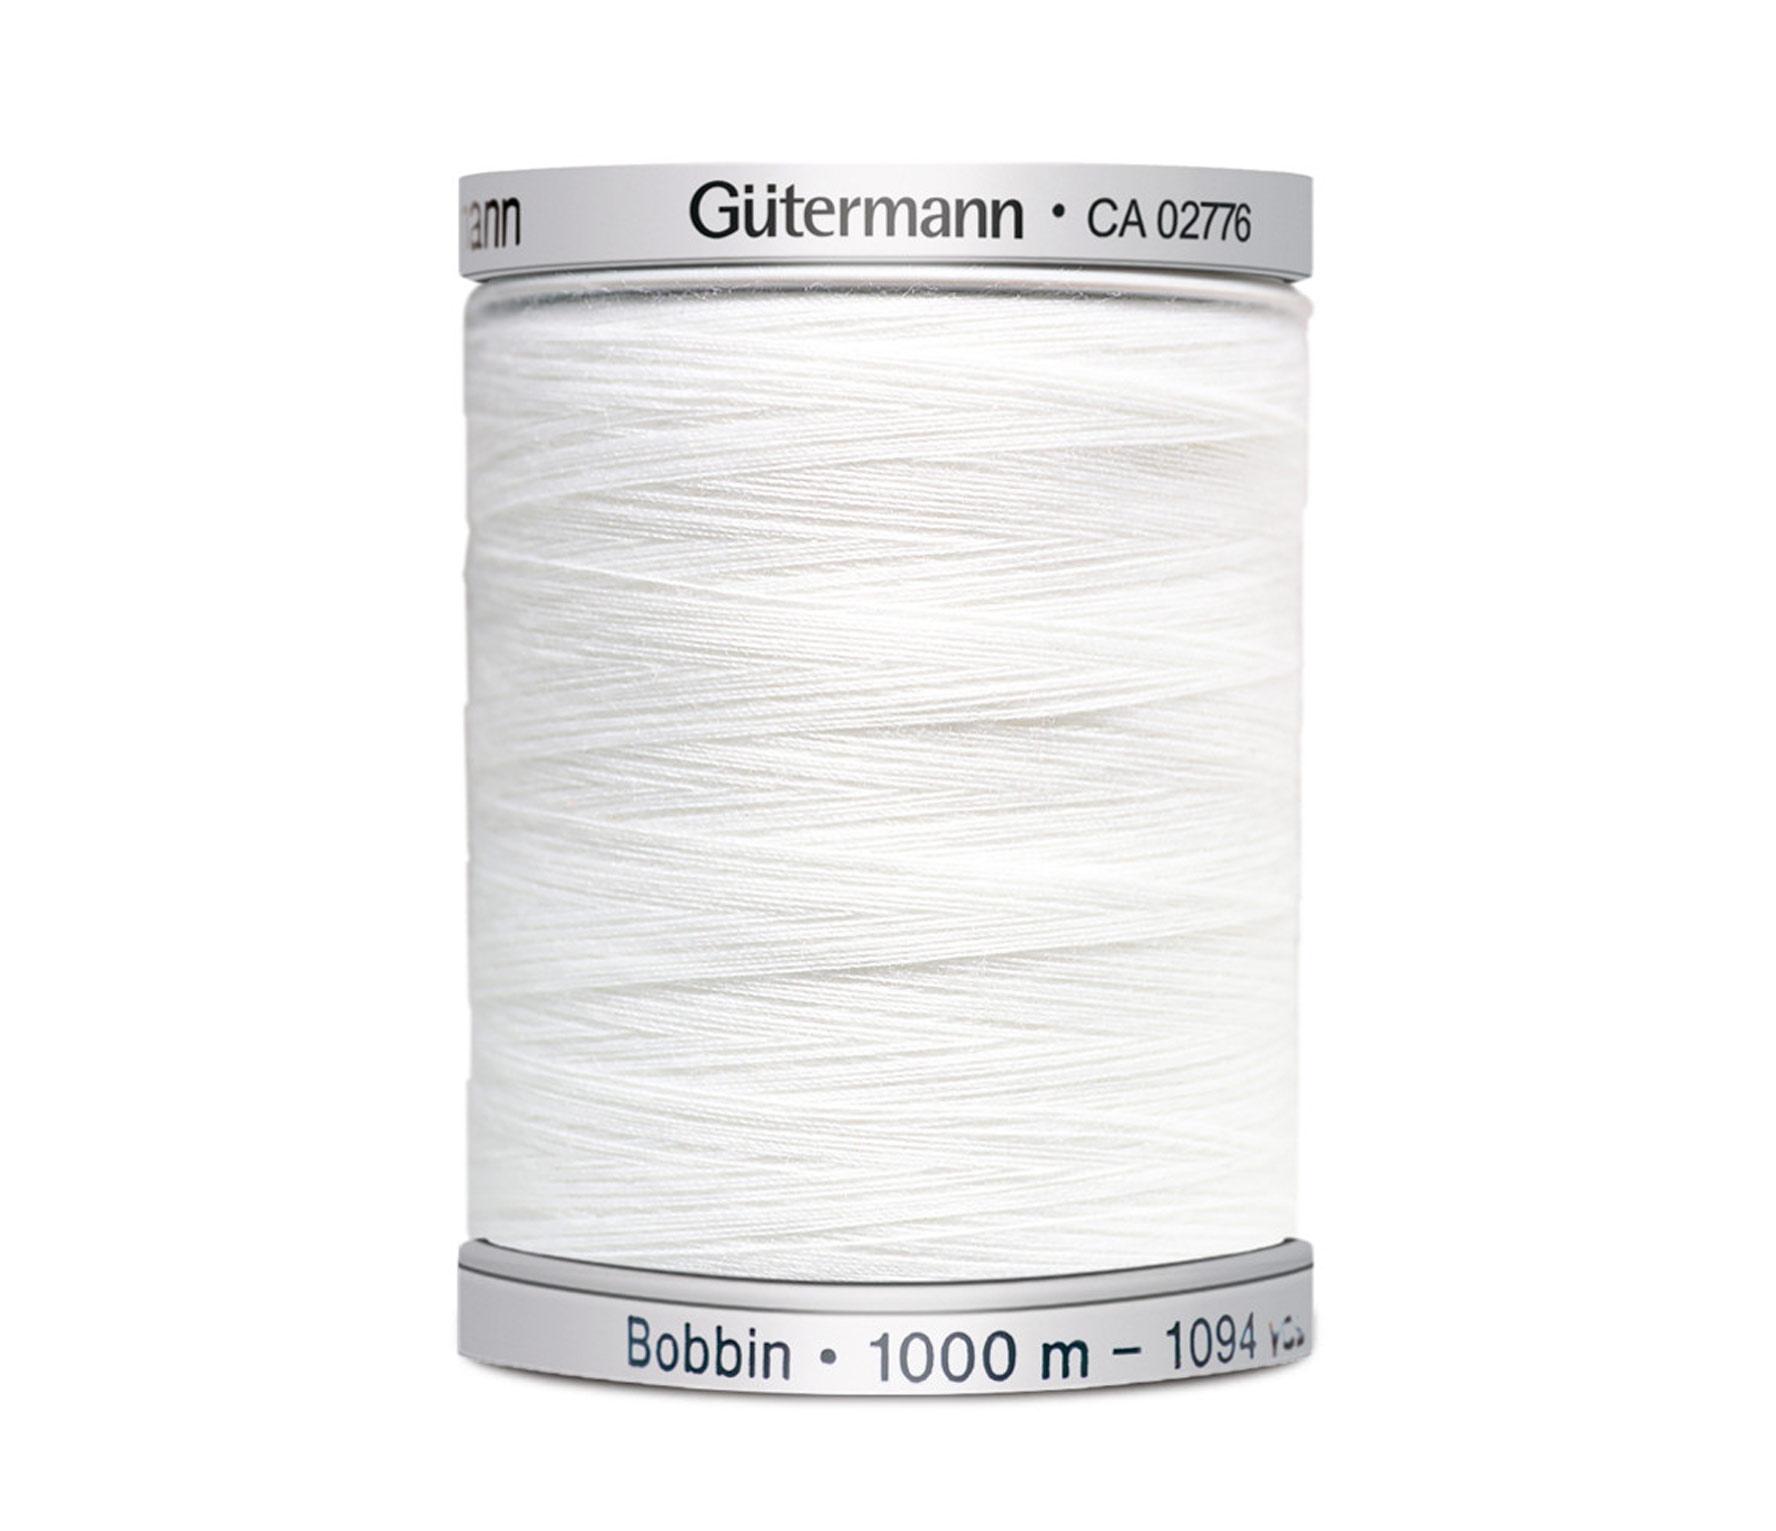 FILGU0006 - bobbin fil bianco